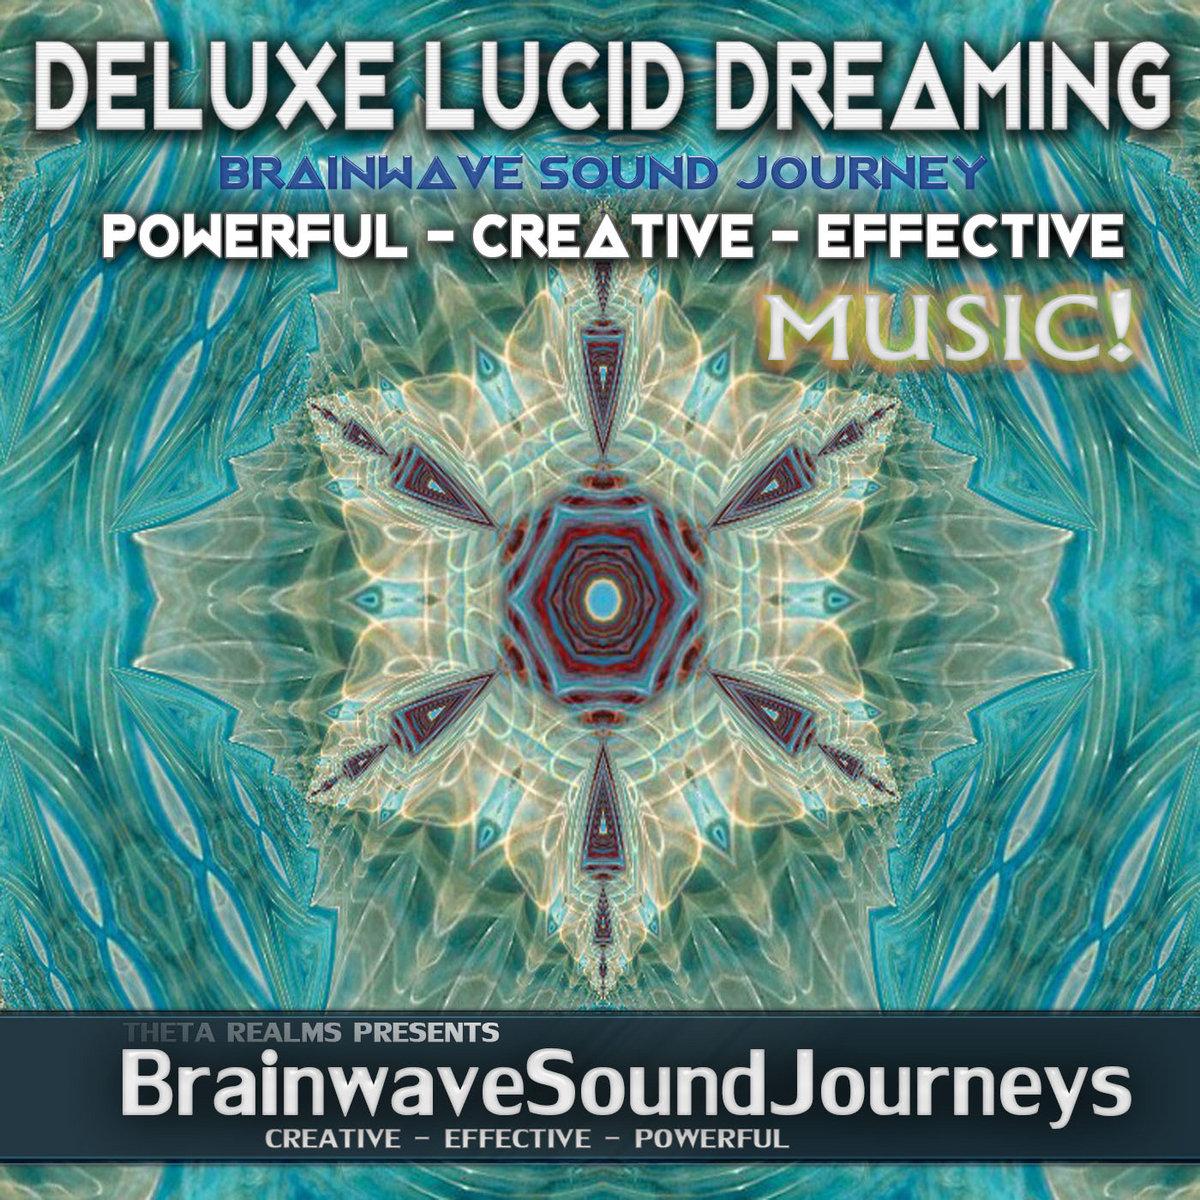 DELUXE LUCID DREAM V2 - HEALING + REGEN MUSIC | Theta Realms